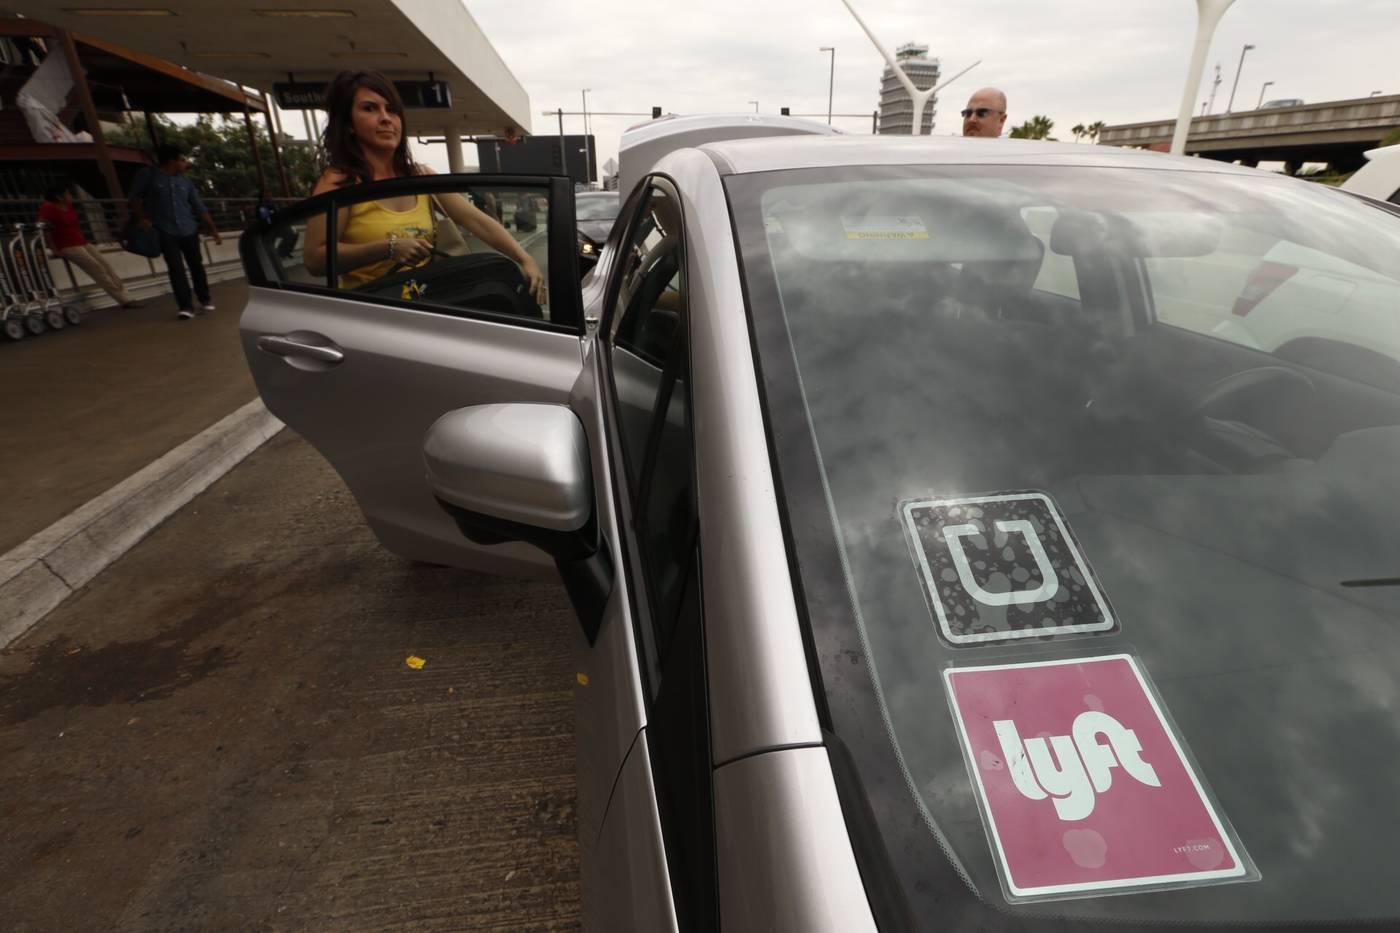 老大老二酣战:Uber流年不利,Lyft抢跑IPO